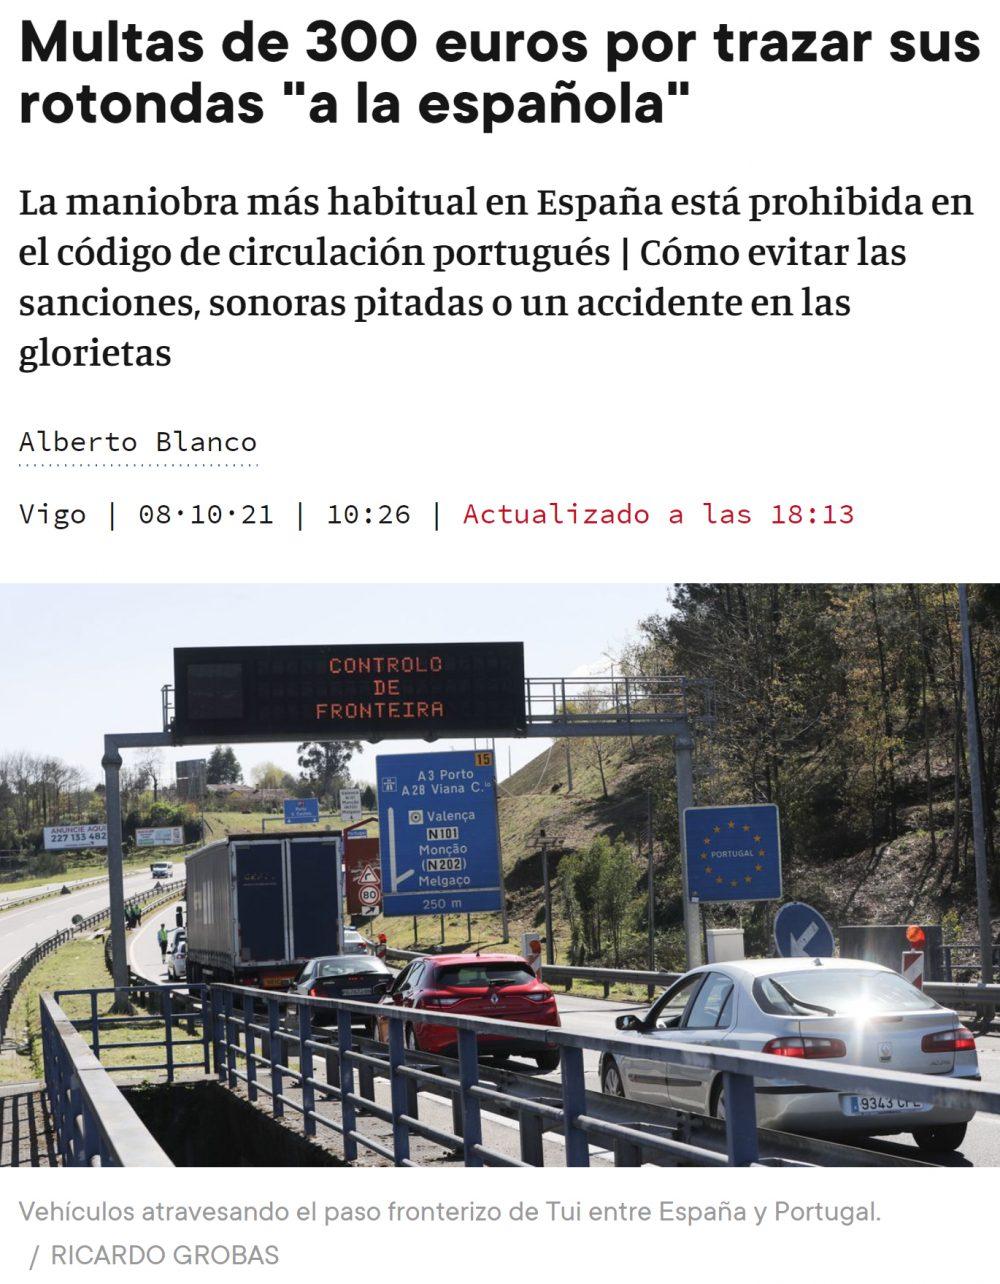 Guerra de rotonding entre España y Portugal